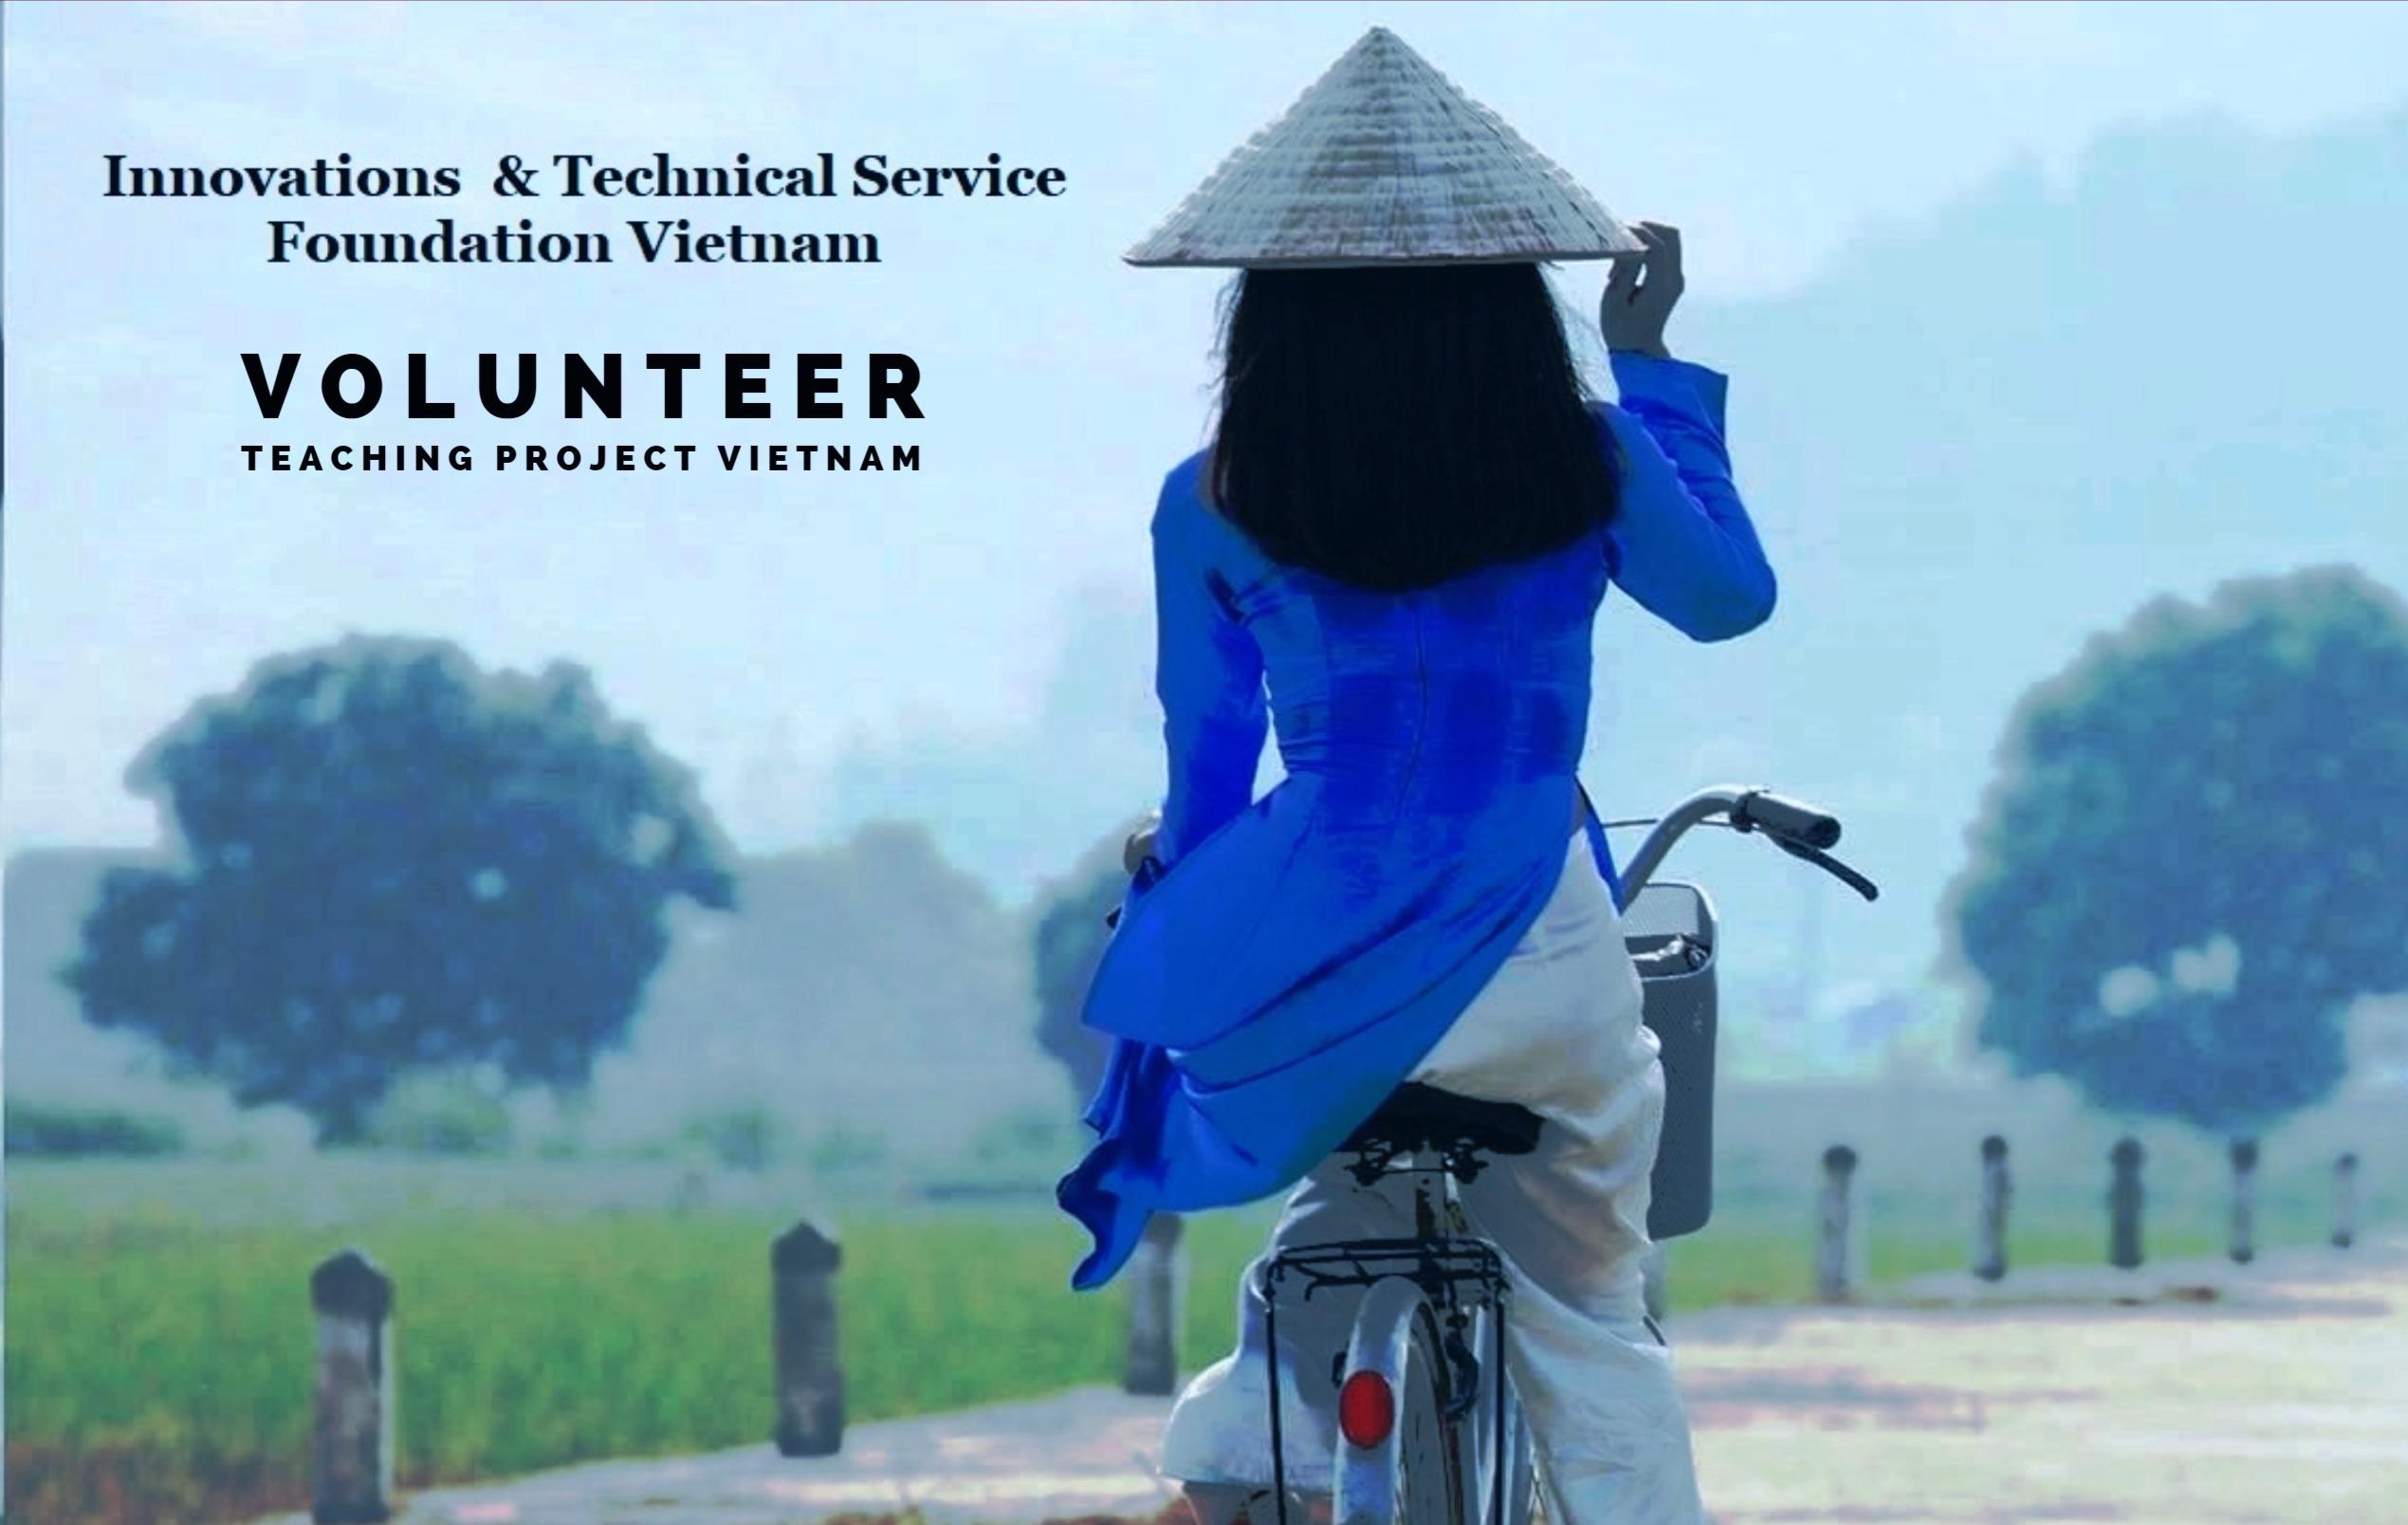 ITS Vietnam 56